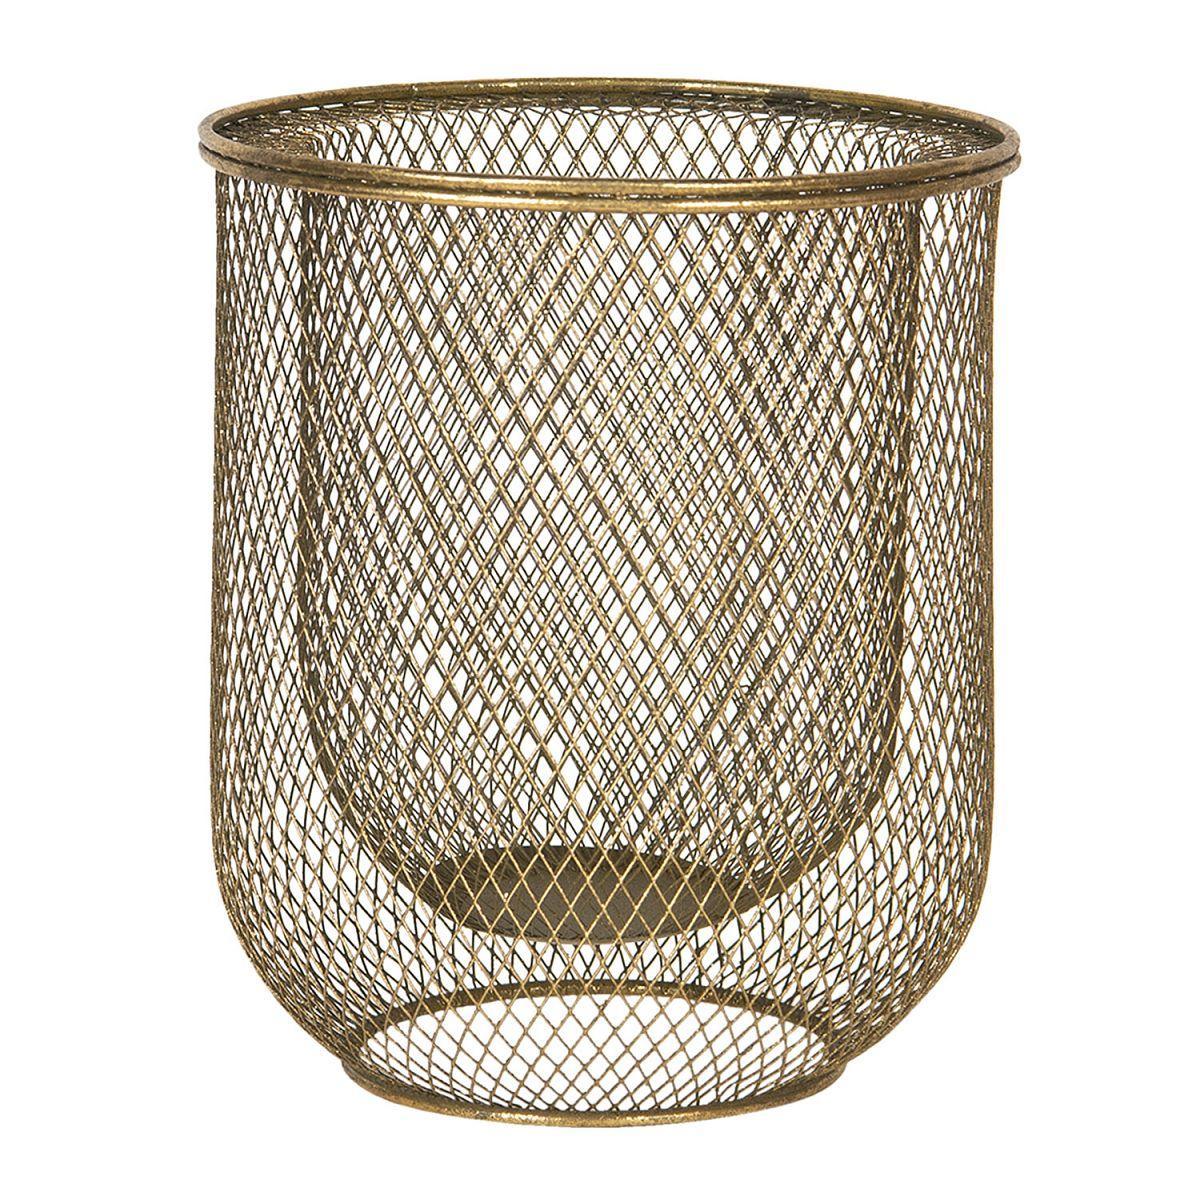 1- Dekorativní zlatý košík nebo svícen